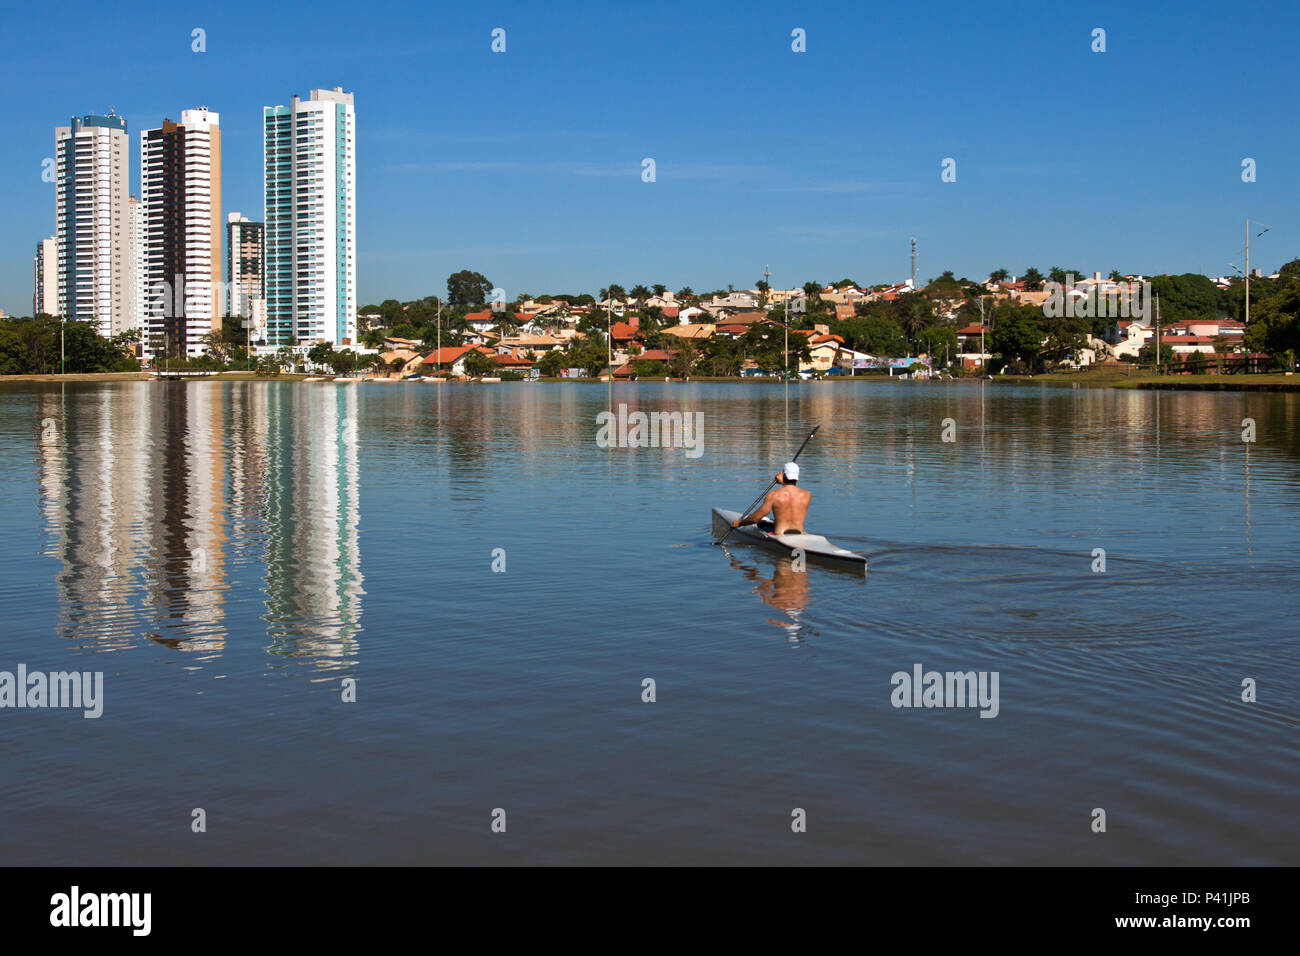 Campo Grande - MS Parque das Nações Indígenas Parque urbano de Campo Grande Caiaque esporte aquático no lago Campo Grande Centro Oeste Mato Grosso do Sul Brasil - Stock Image